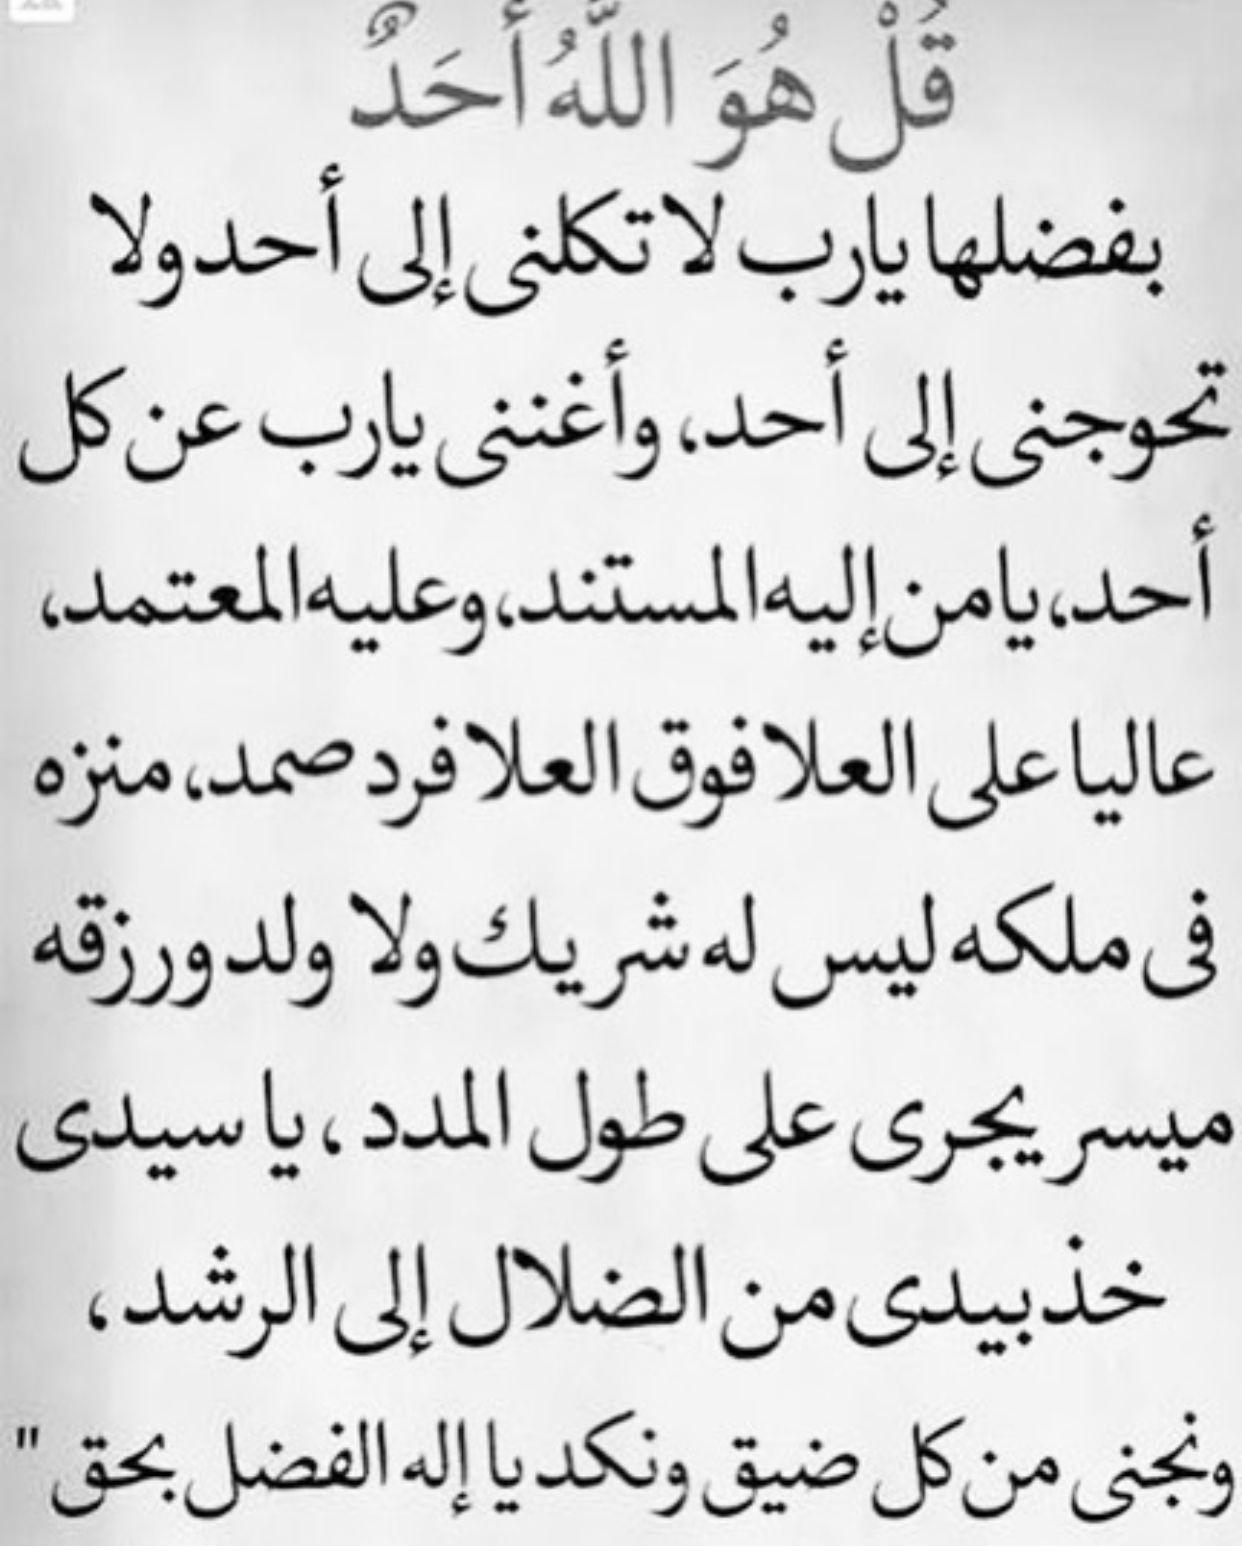 قل هو الله احد Quotes Art Diy Allah